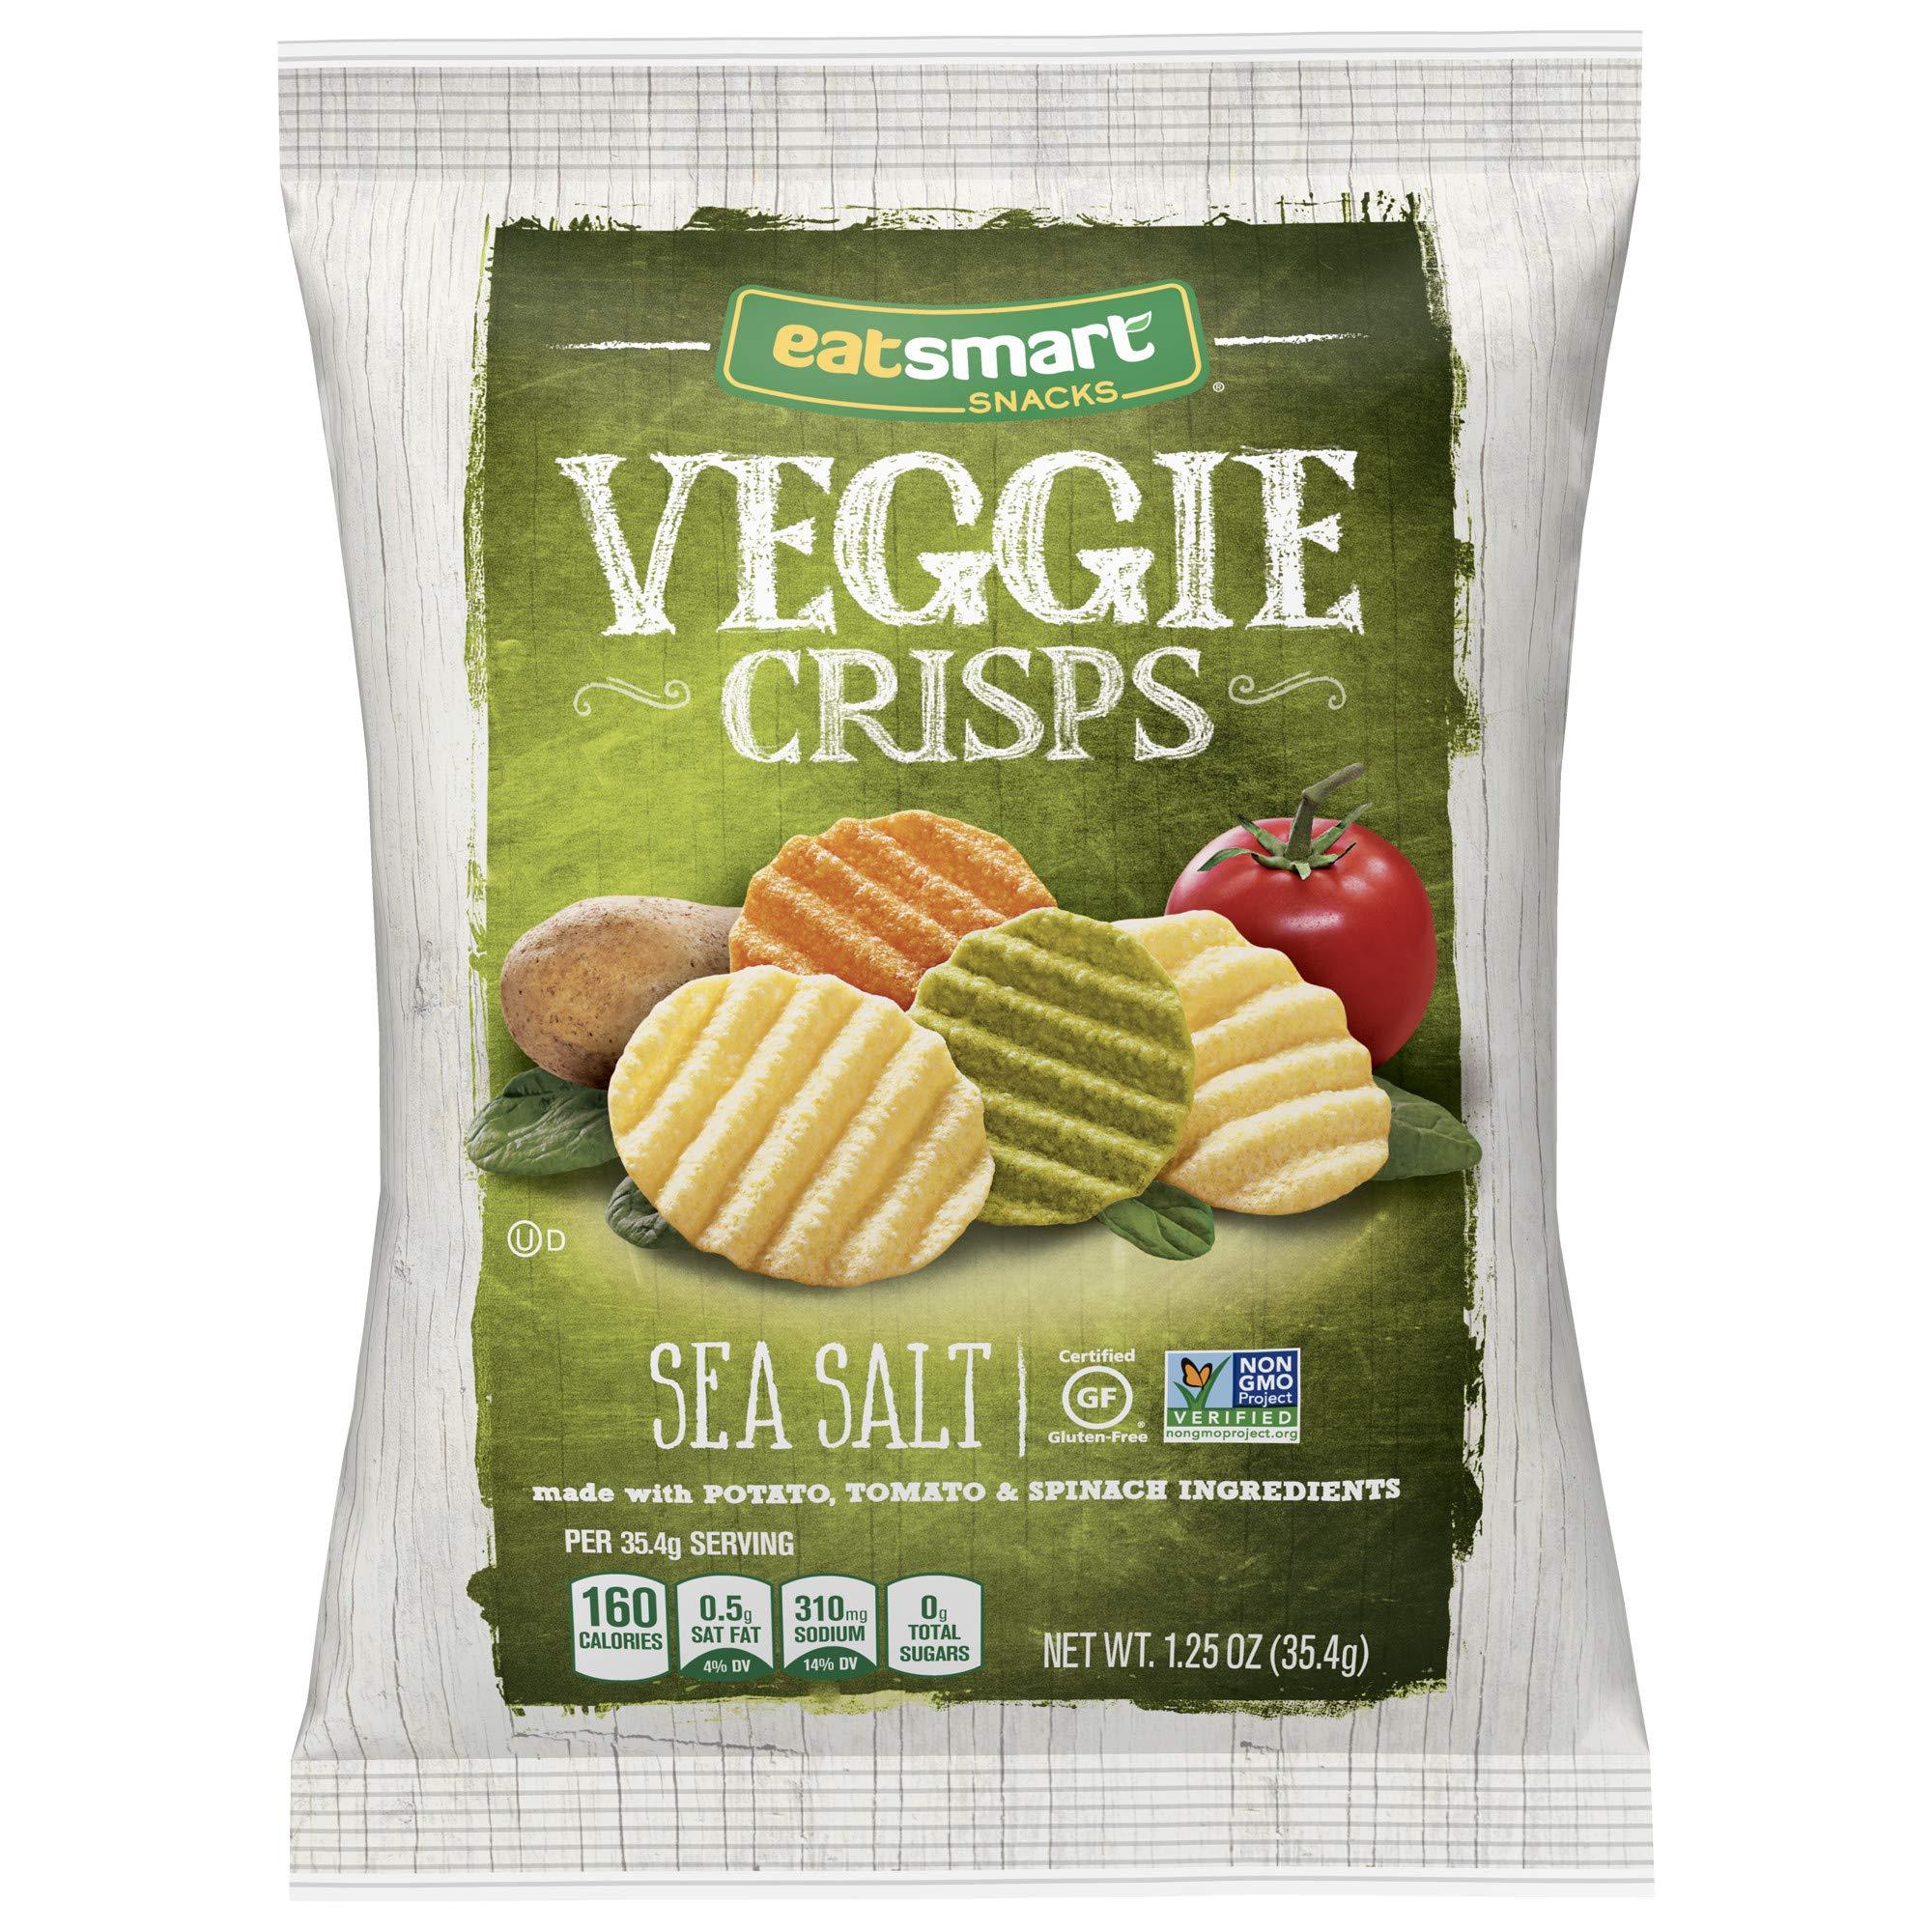 Eatsmart Snacks Veggie Crisps, Sea Salt, 1.25 Ounce (Pack of 8) by Eatsmart Snacks